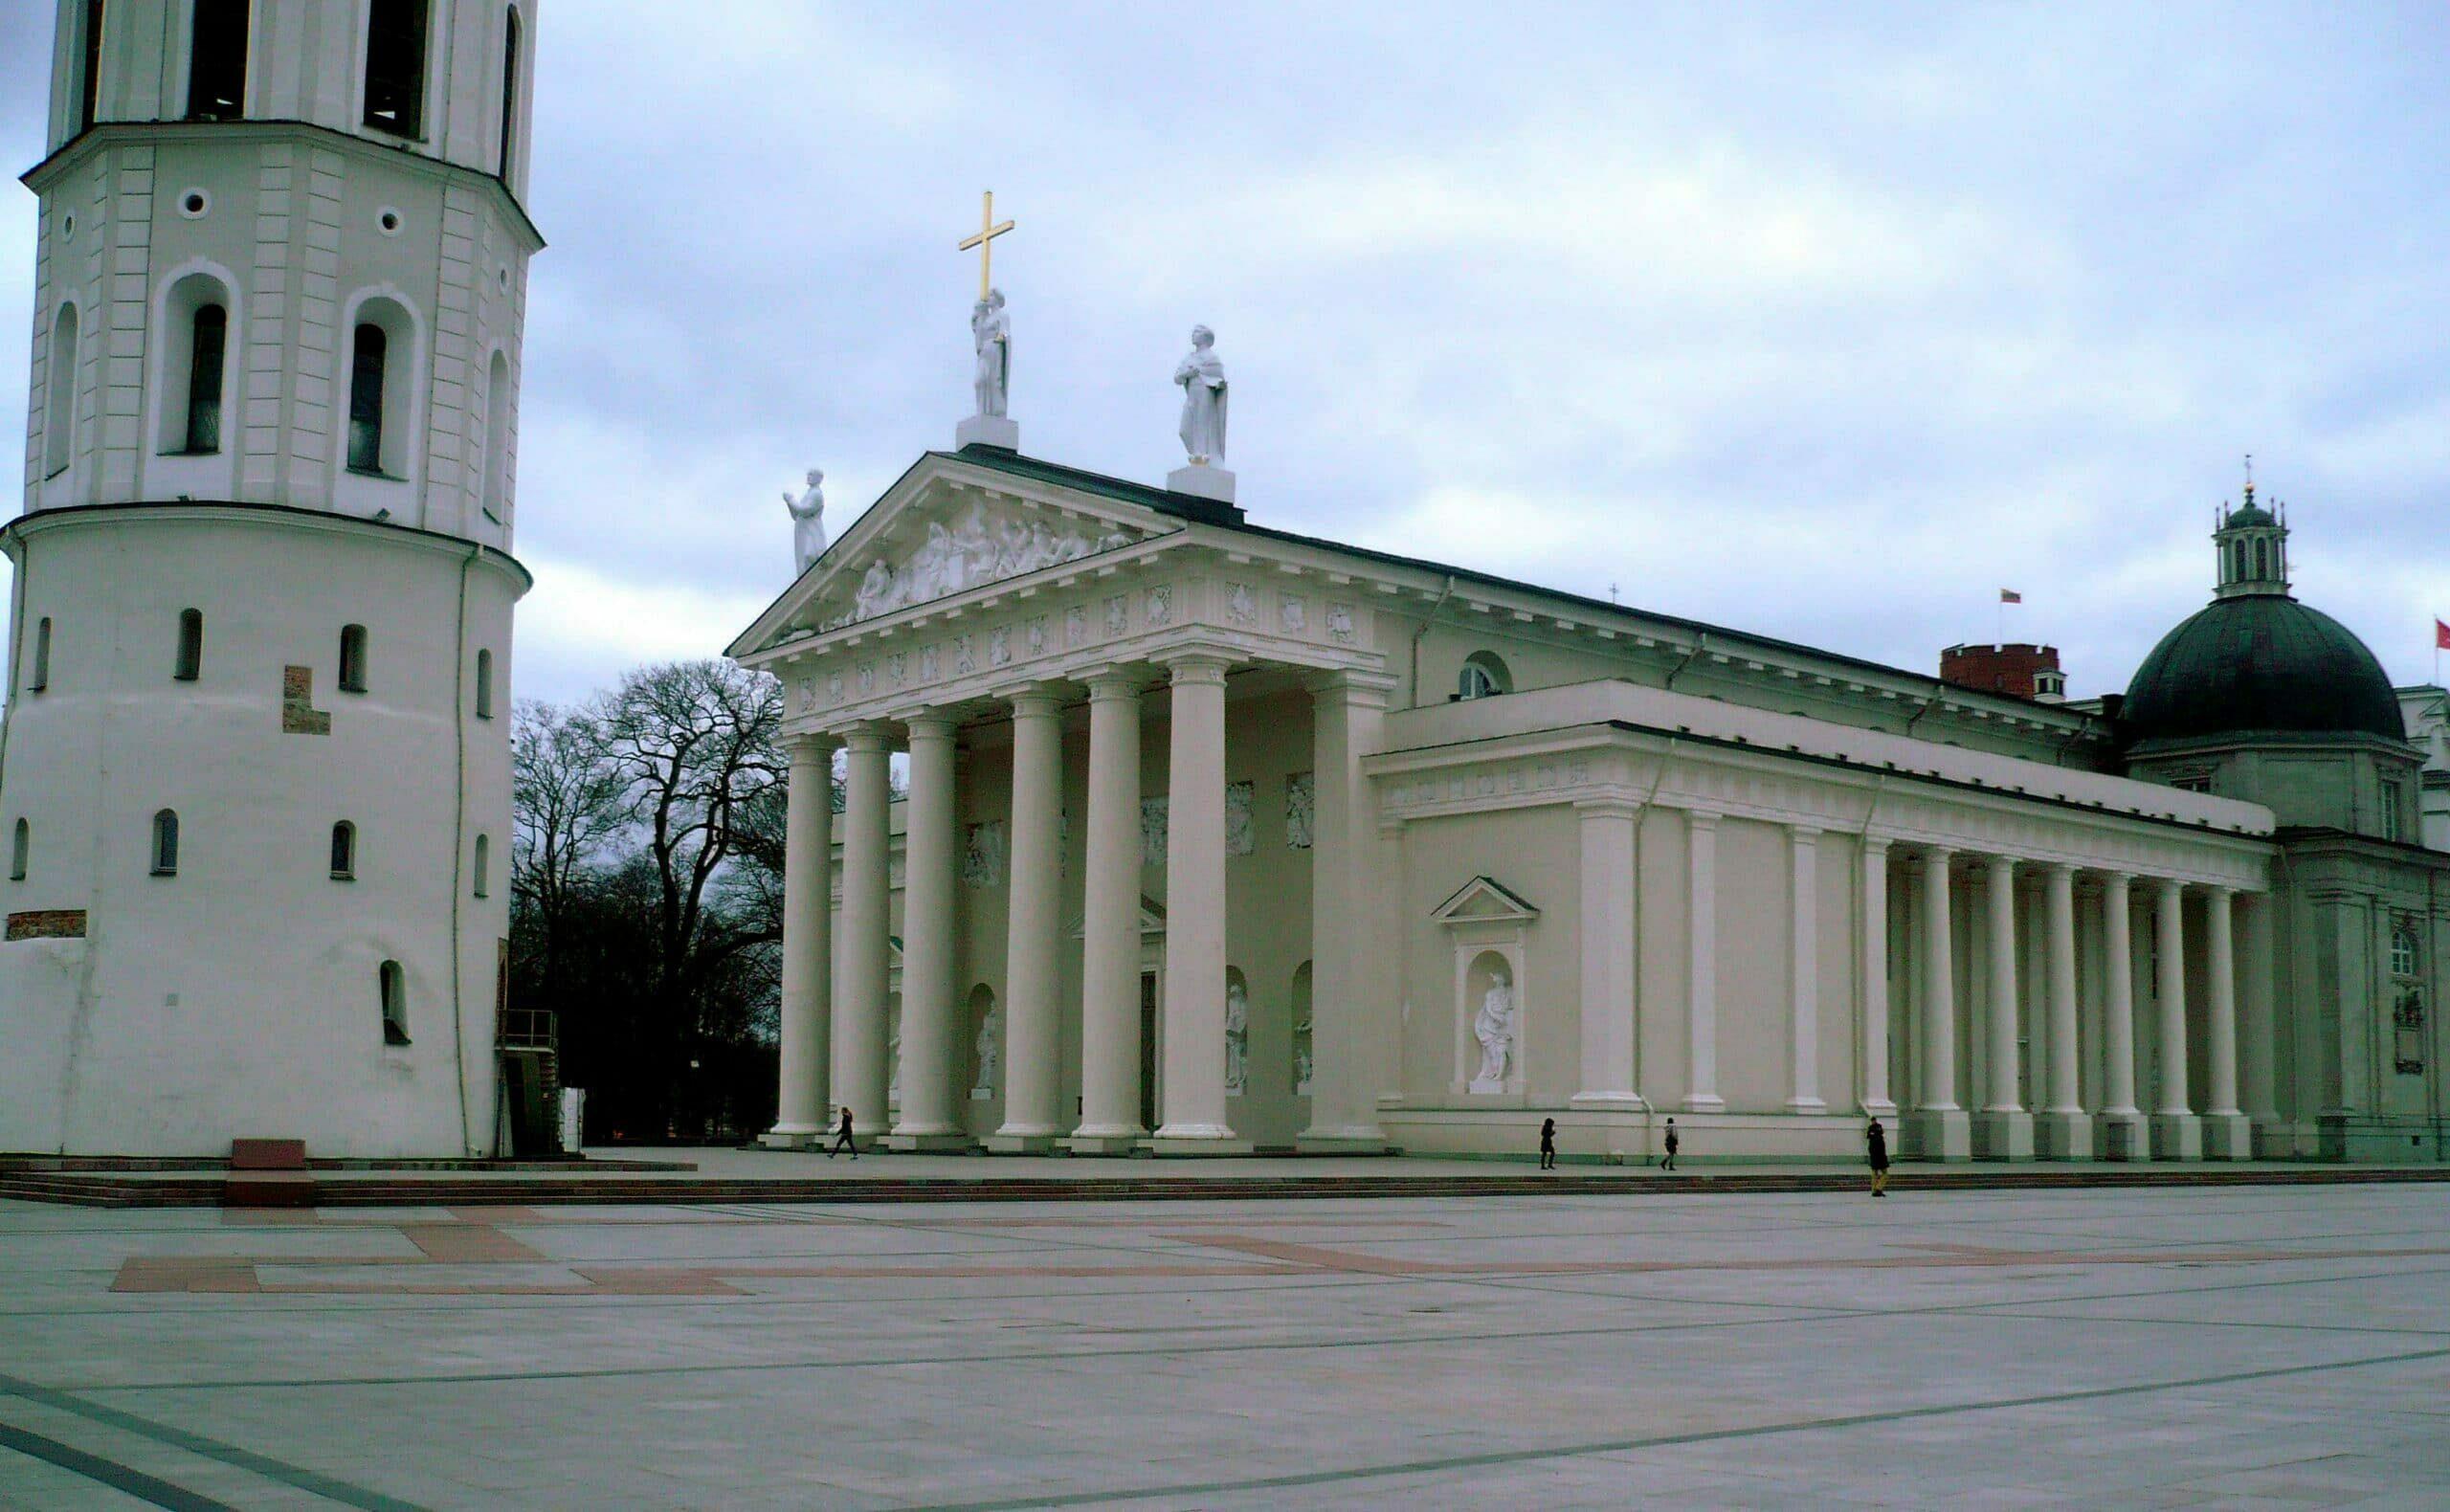 Bazylika archikatedralna św. Stanisława i św. Władysława